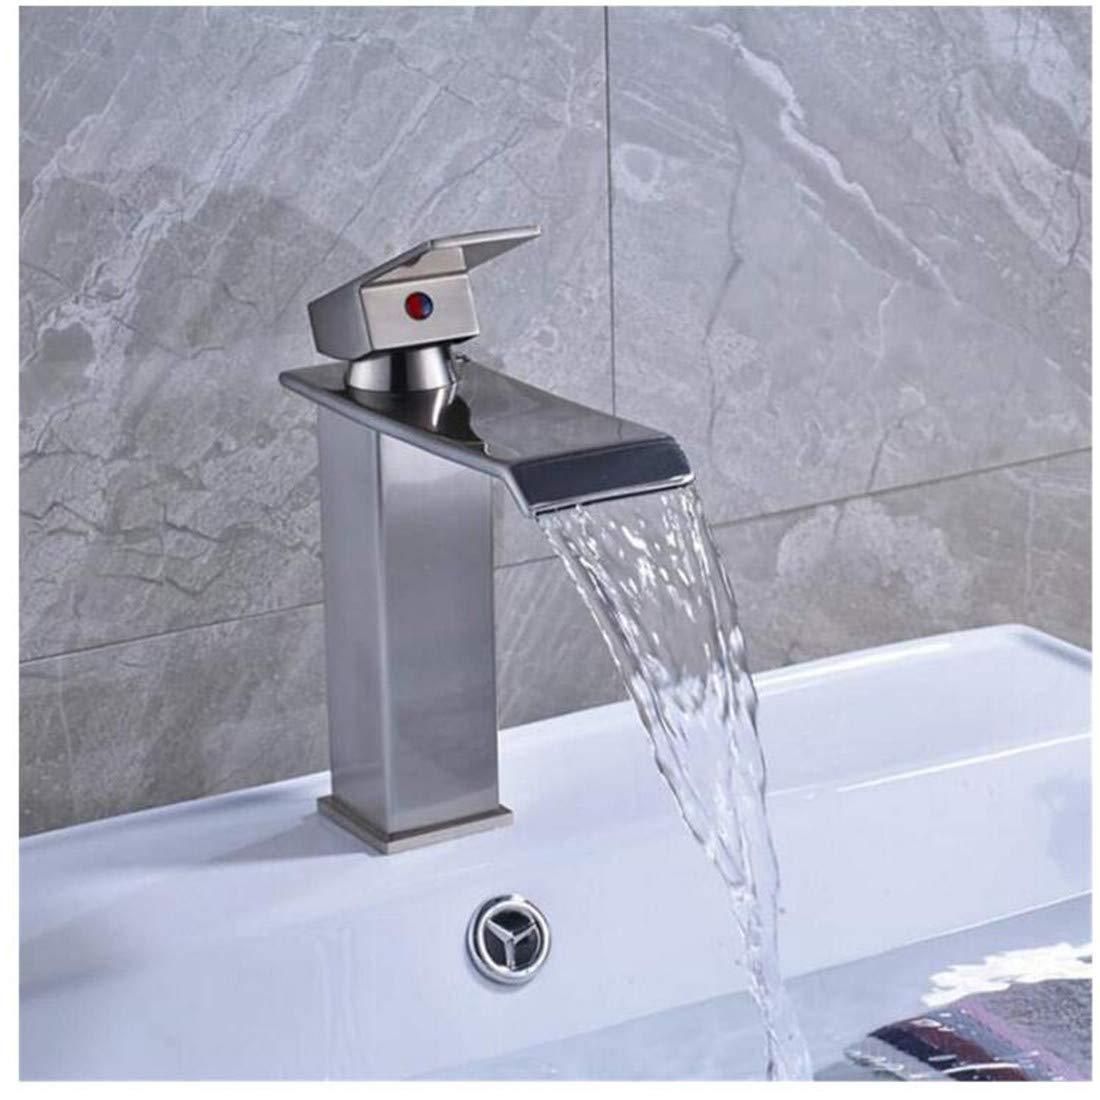 Kitchen Bath Basin Sink Bathroom Taps Washbasin Mixer Waterfall Basin Faucet Handle Single Lever Bathroom Sink Ctzl1690